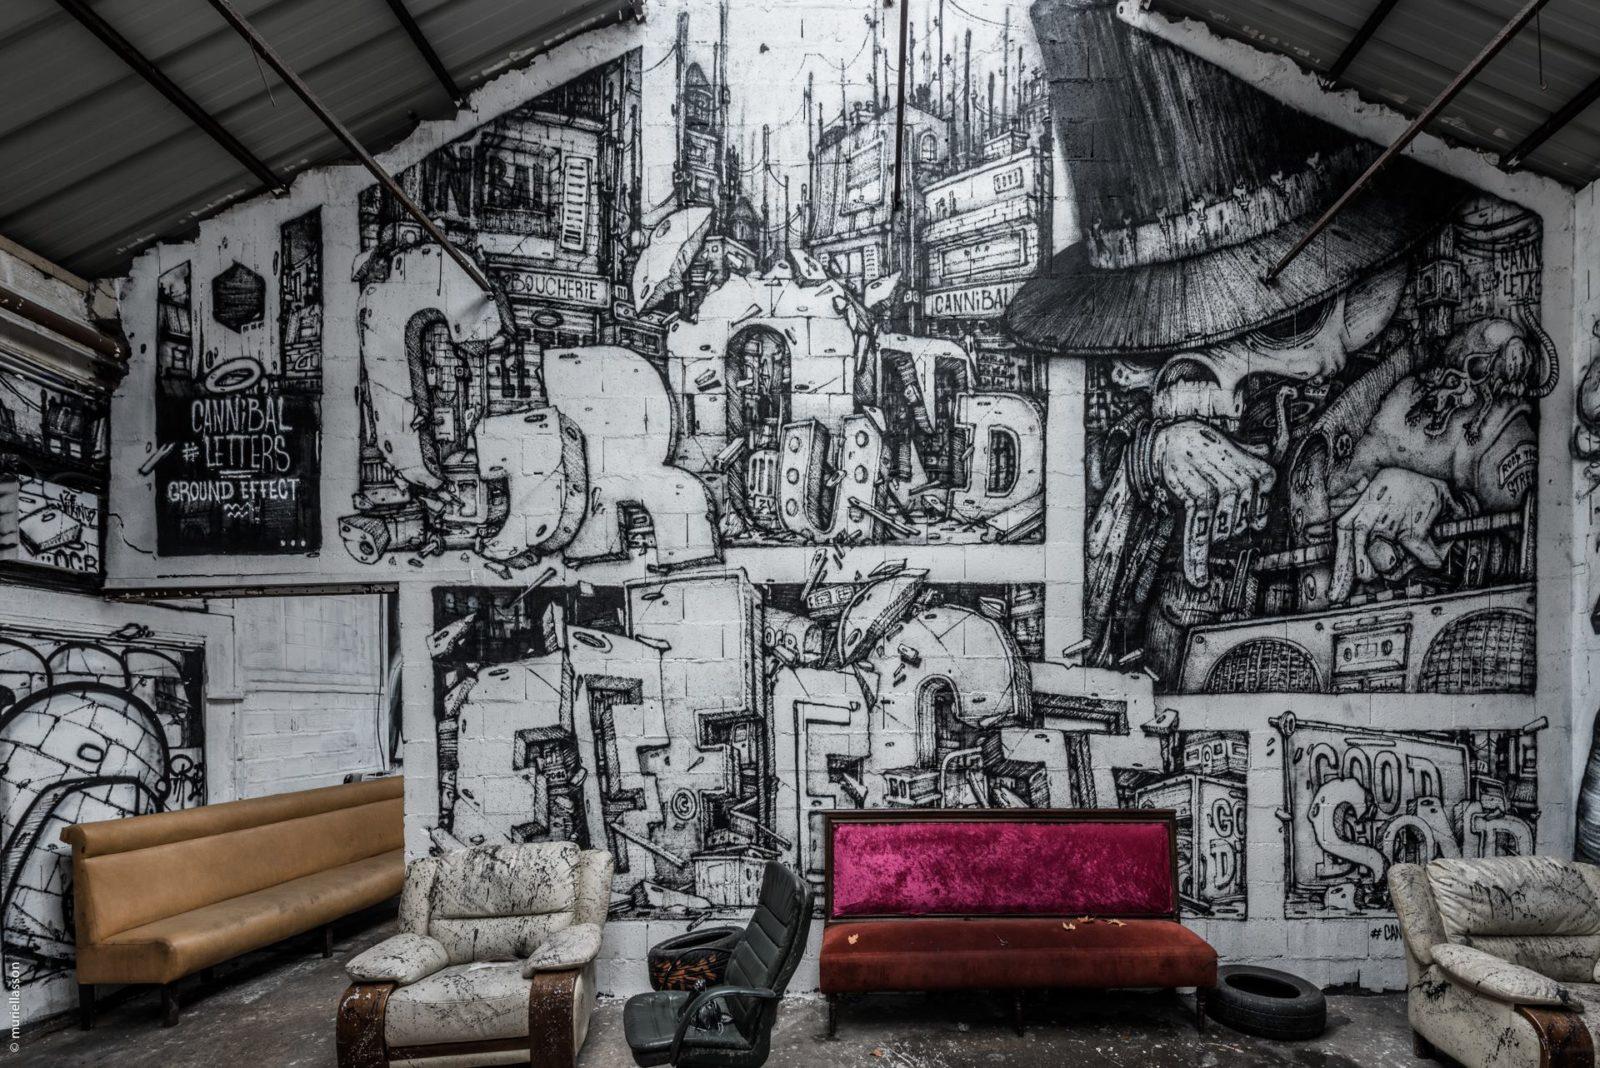 lendroit en153droit asniere goodirtysound GDS graffiti squat underground - Goodirtysound, le collectif qui secoue les nuits parisiennes, recherche un nouveau spot !